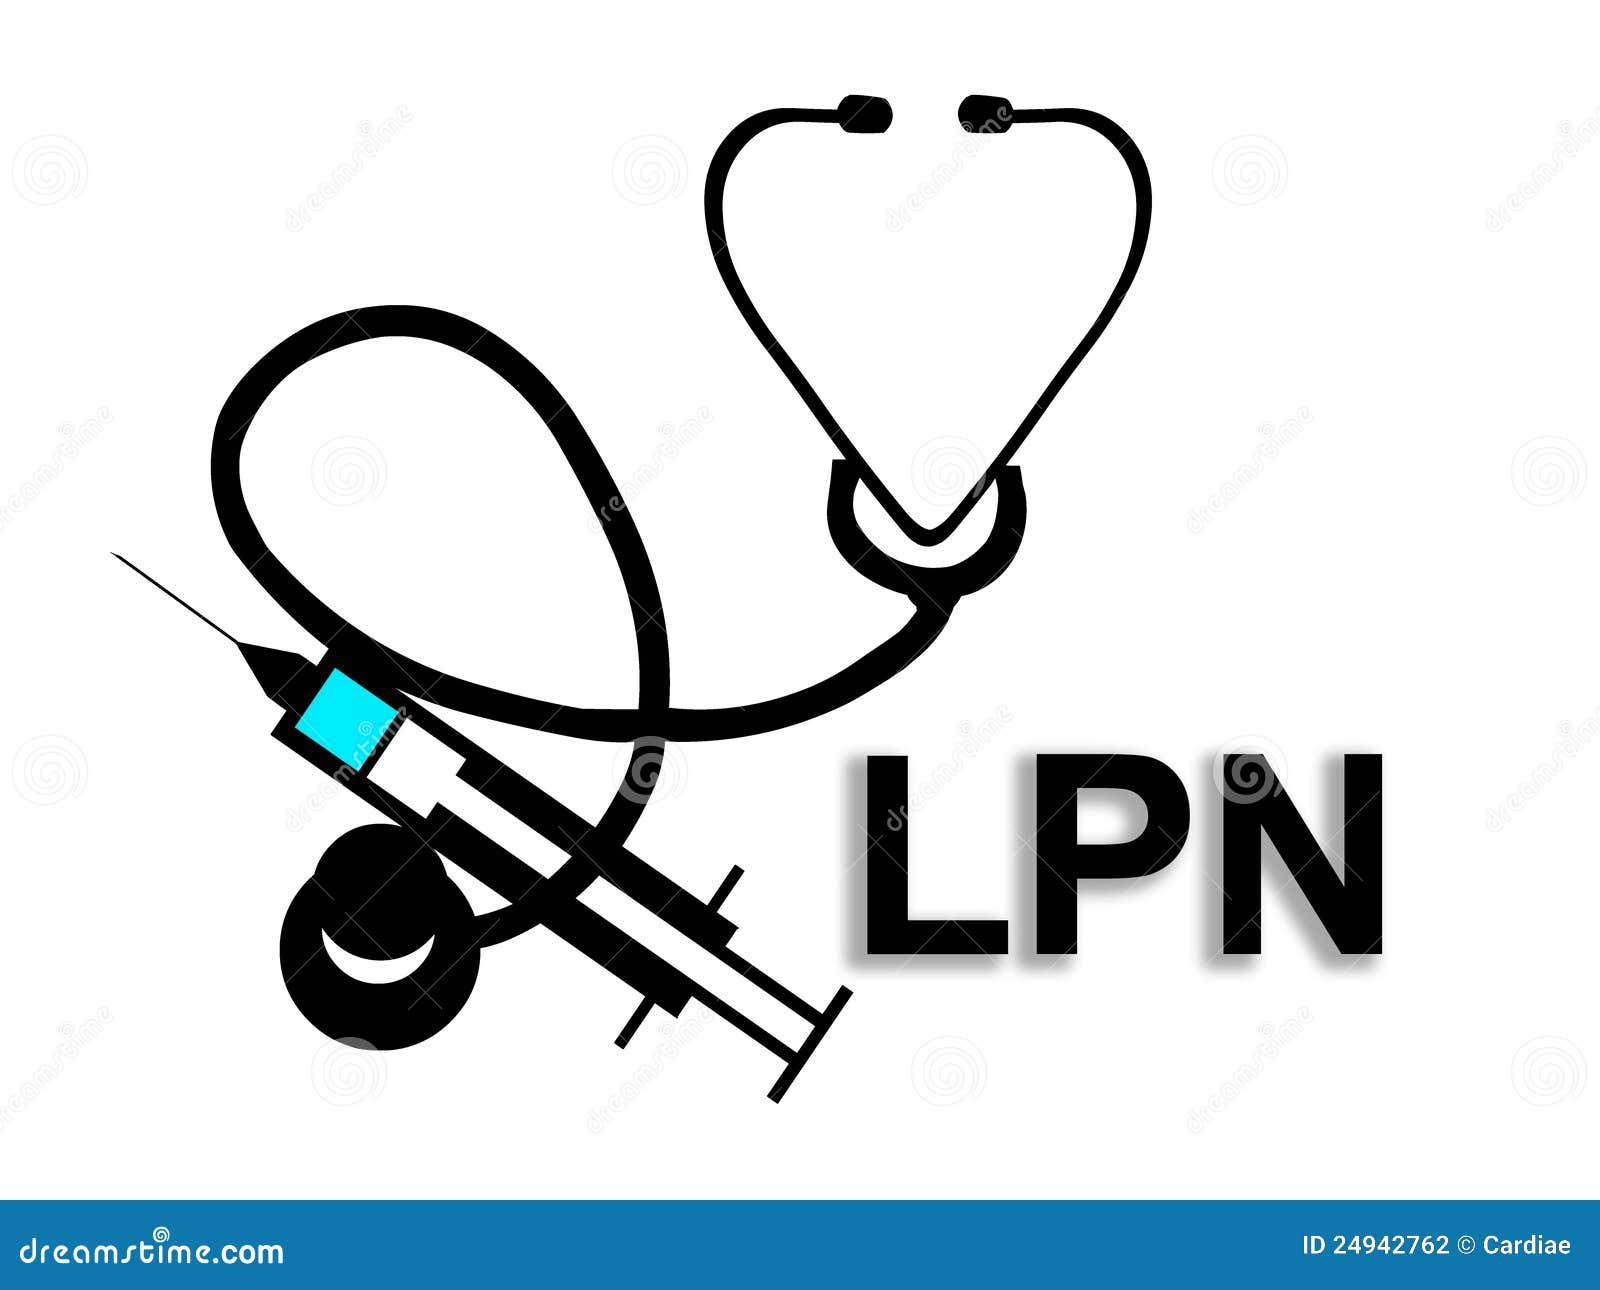 Lujo Lo Que Es Enfermera De Lpn Motivo - Imágenes de Anatomía Humana ...